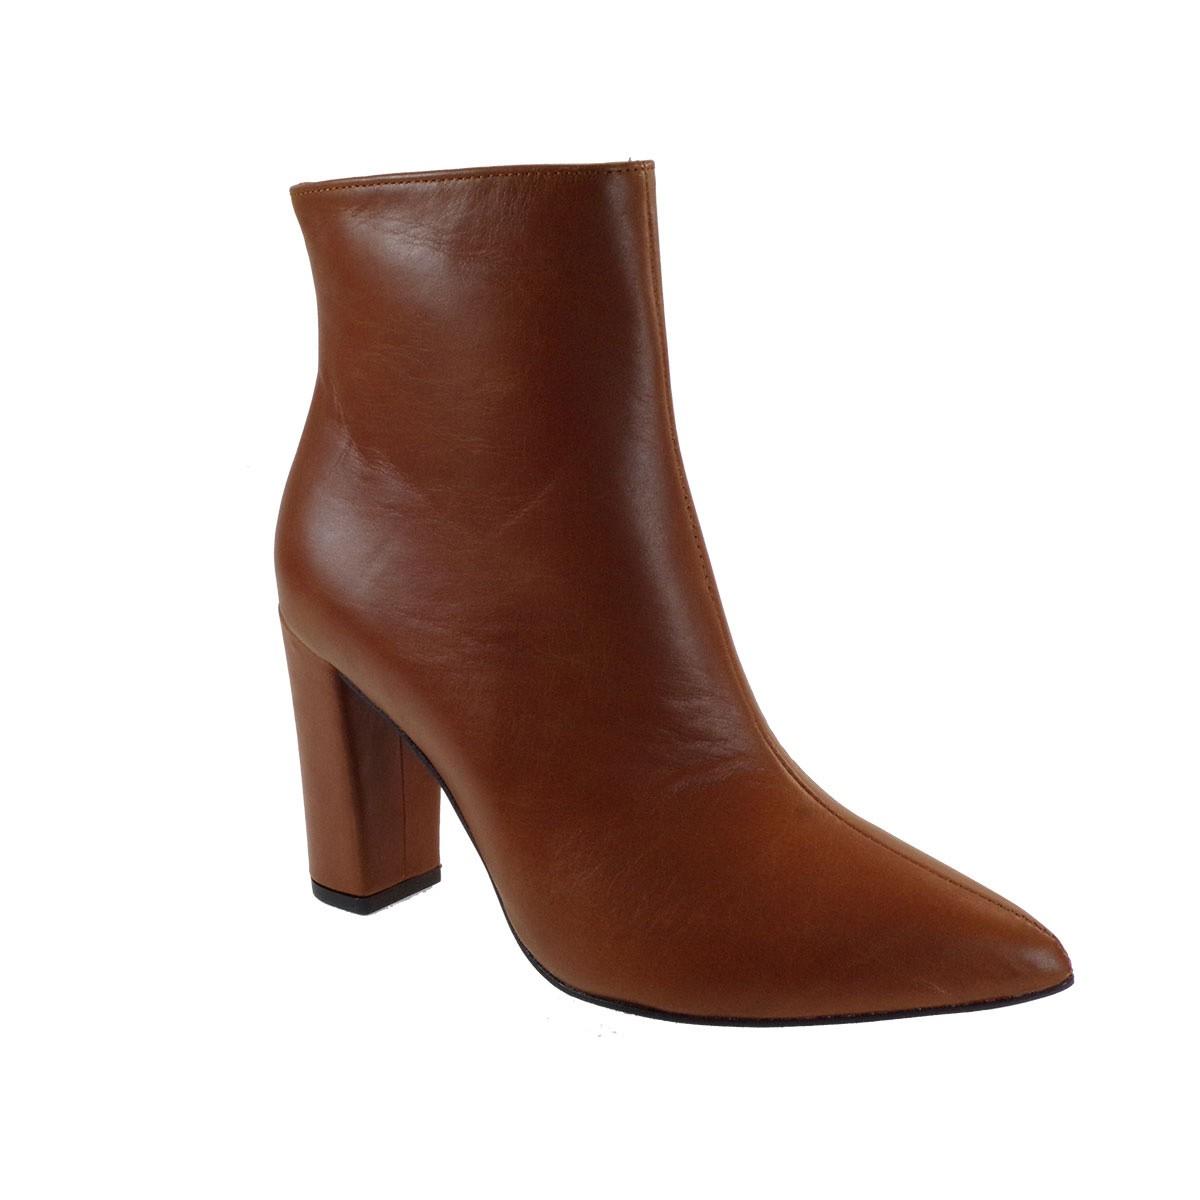 Moods Shoes Γυναικεία Μποτάκια 7010 Ταμπά Δέρμα